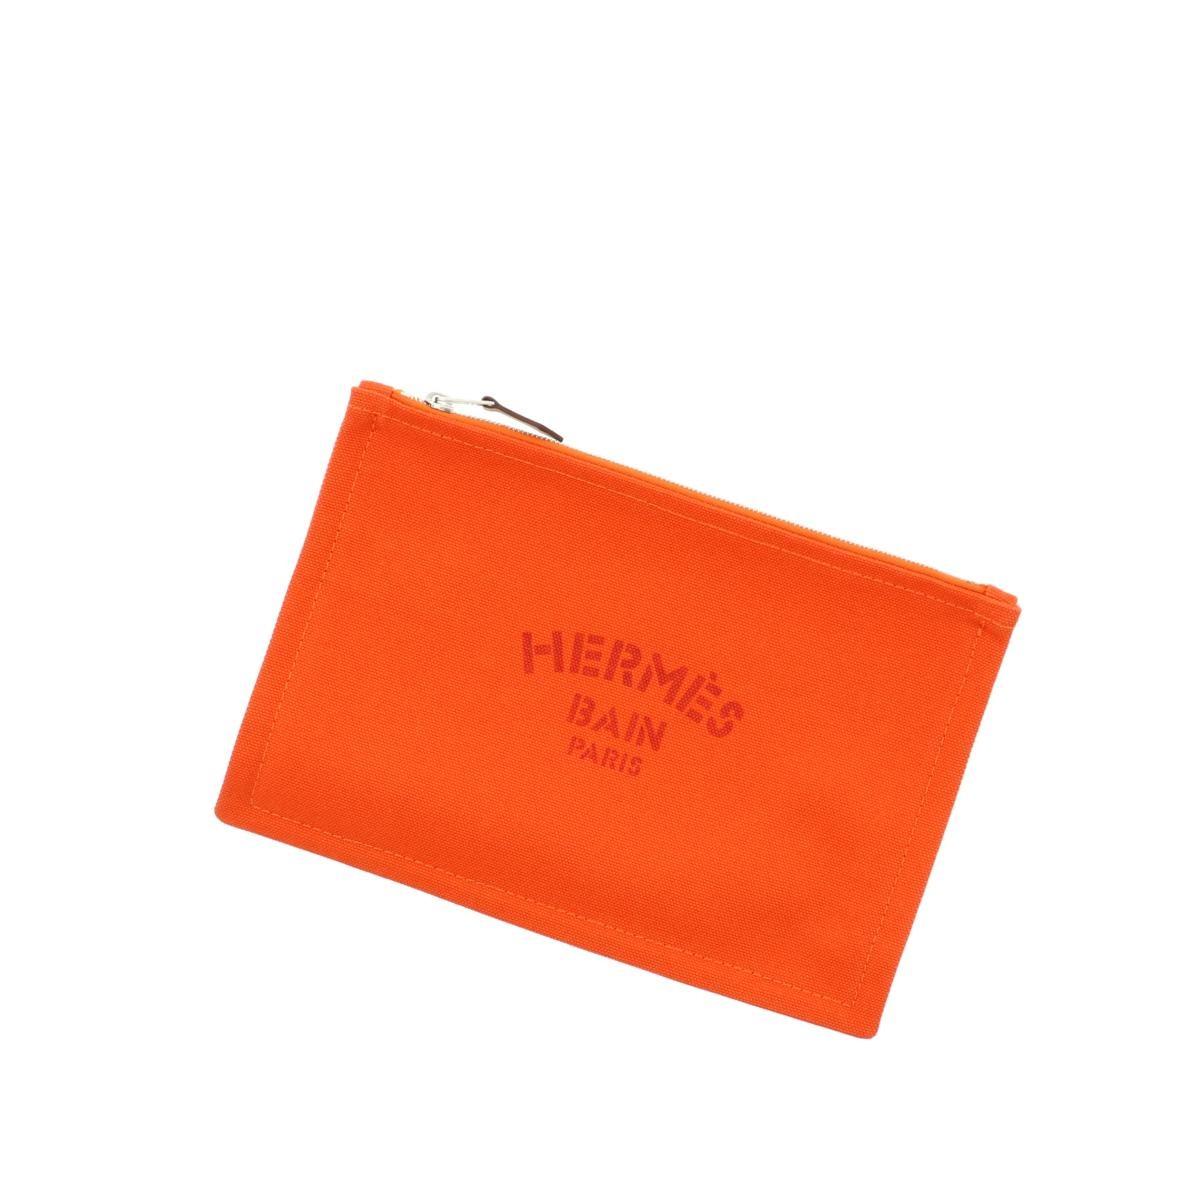 【新品】【未使用品】HERMES エルメス フラット ポーチ PM セカンドバッグ ポーチ クラッチ オレンジ [ROH]